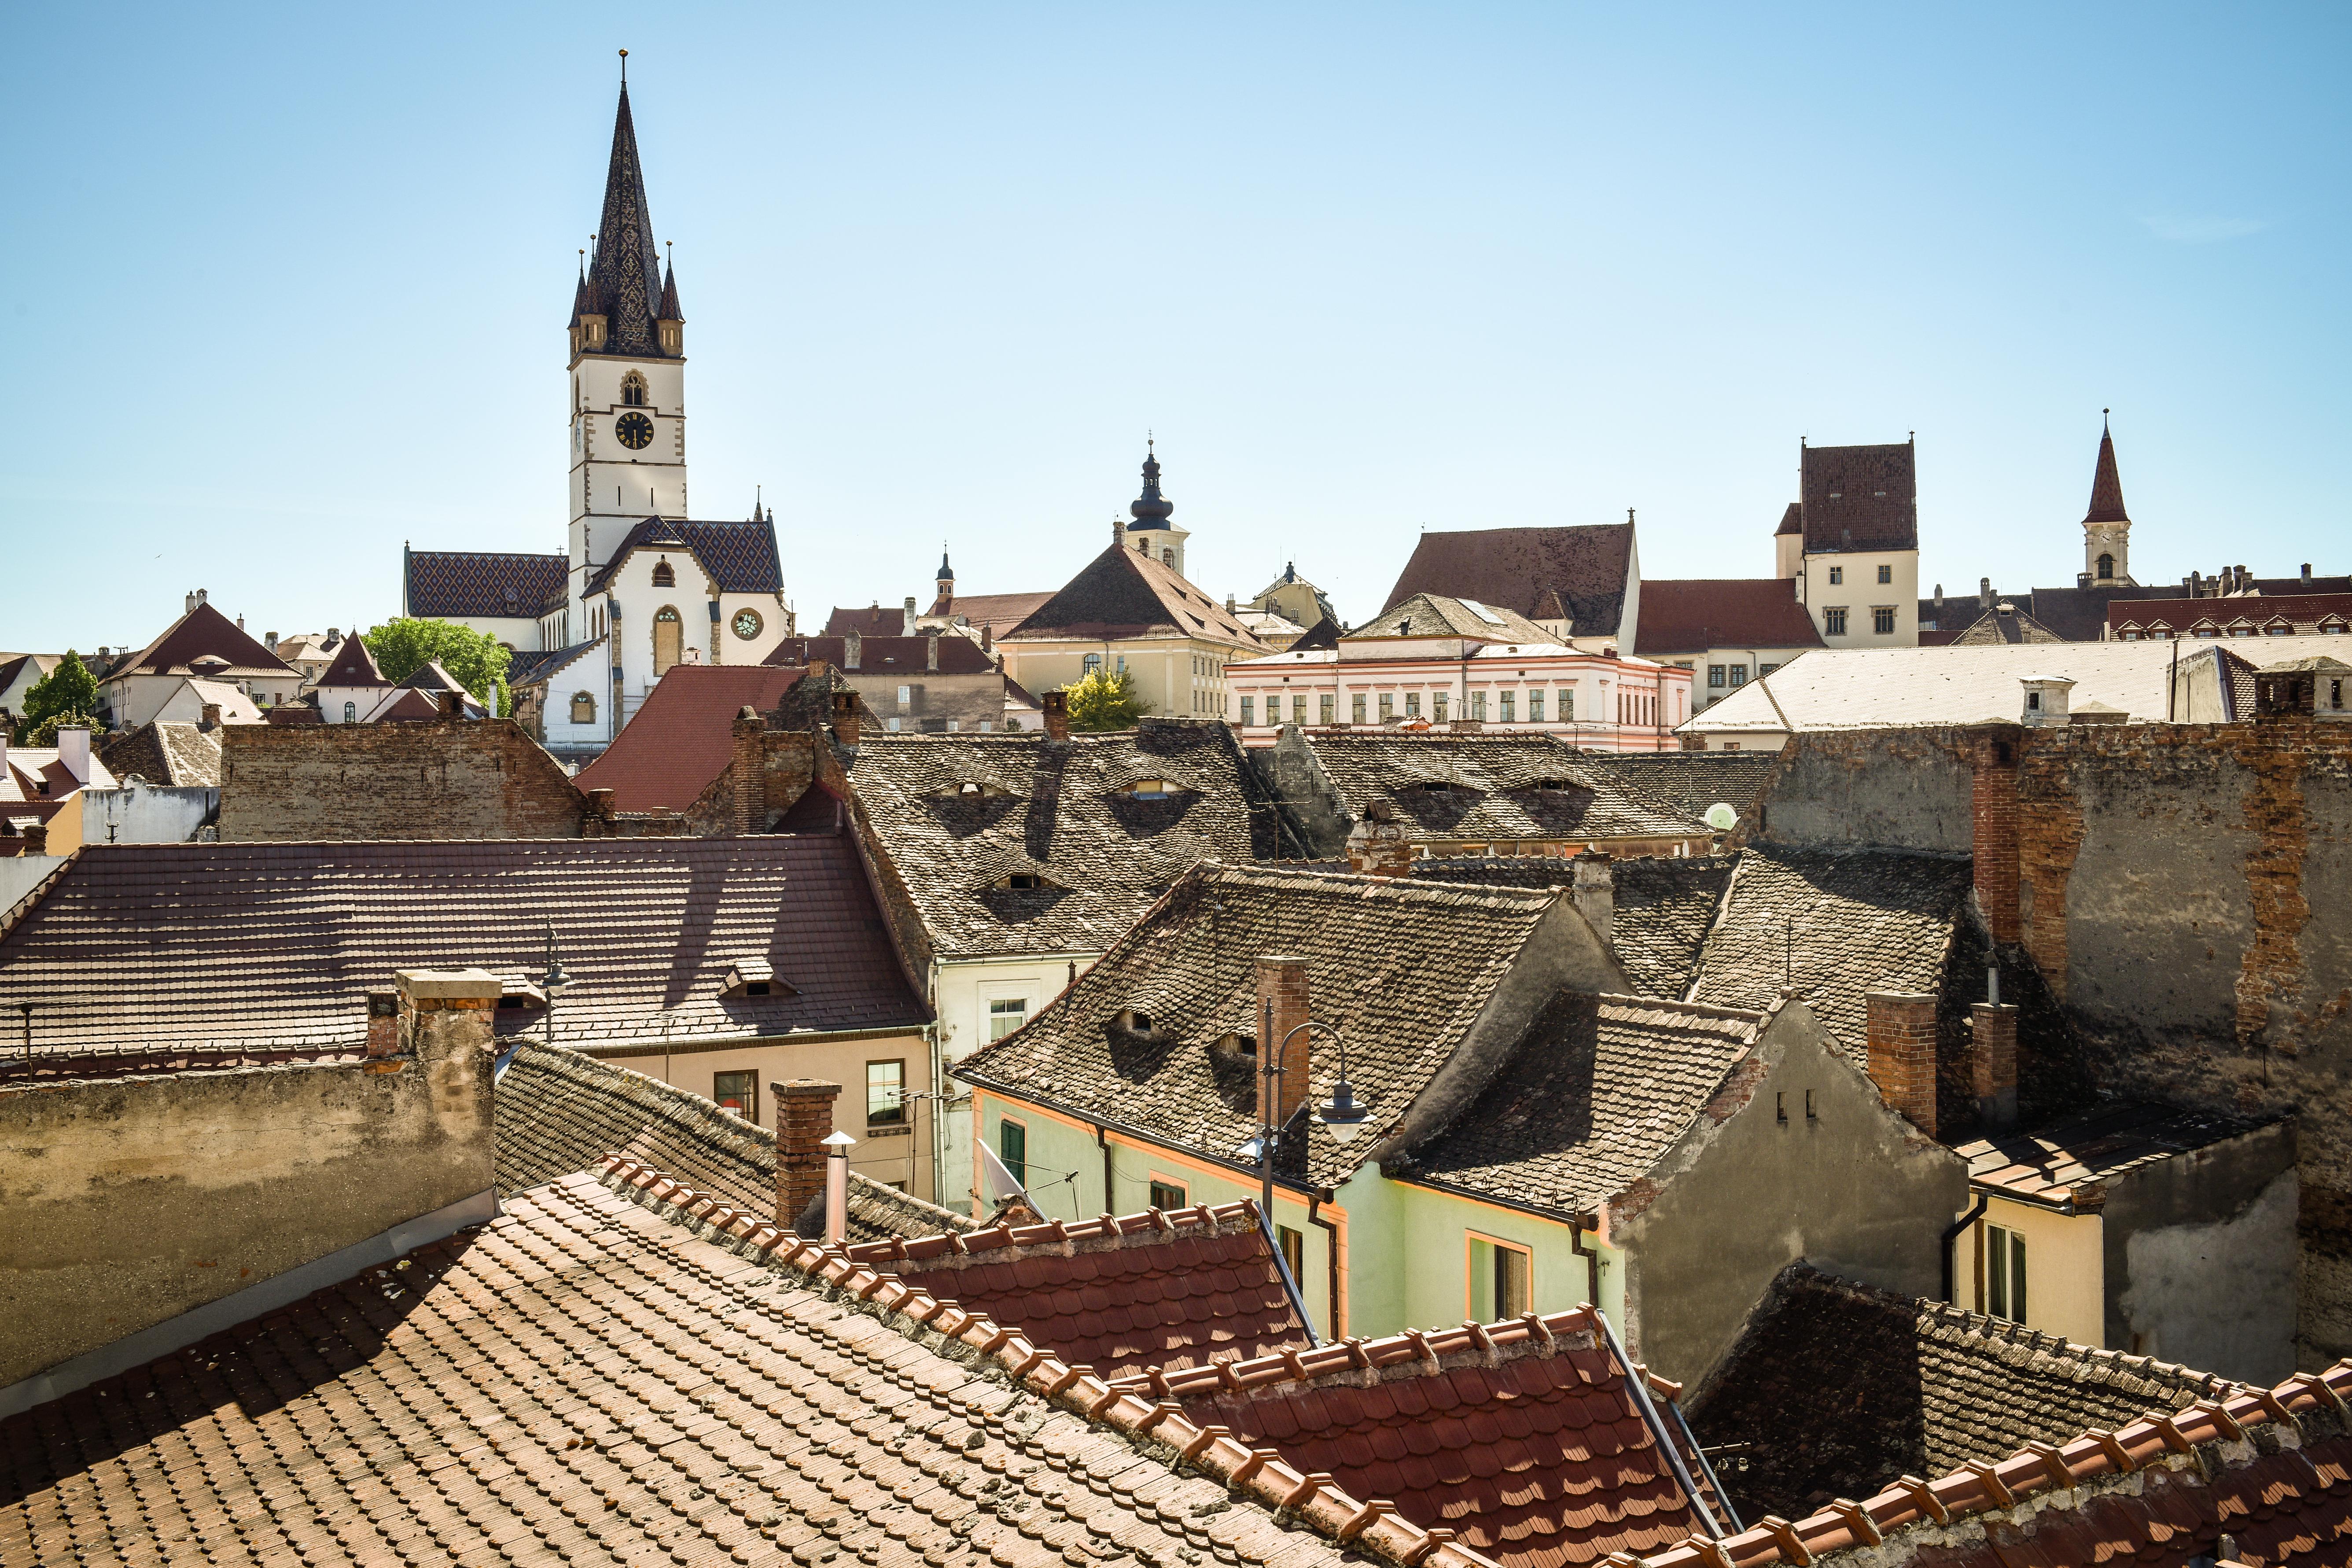 Comunitatea Code for Romania ajunge la Sibiu. Programatori voluntari vor crea aplicații digitale pentru dezvoltarea României